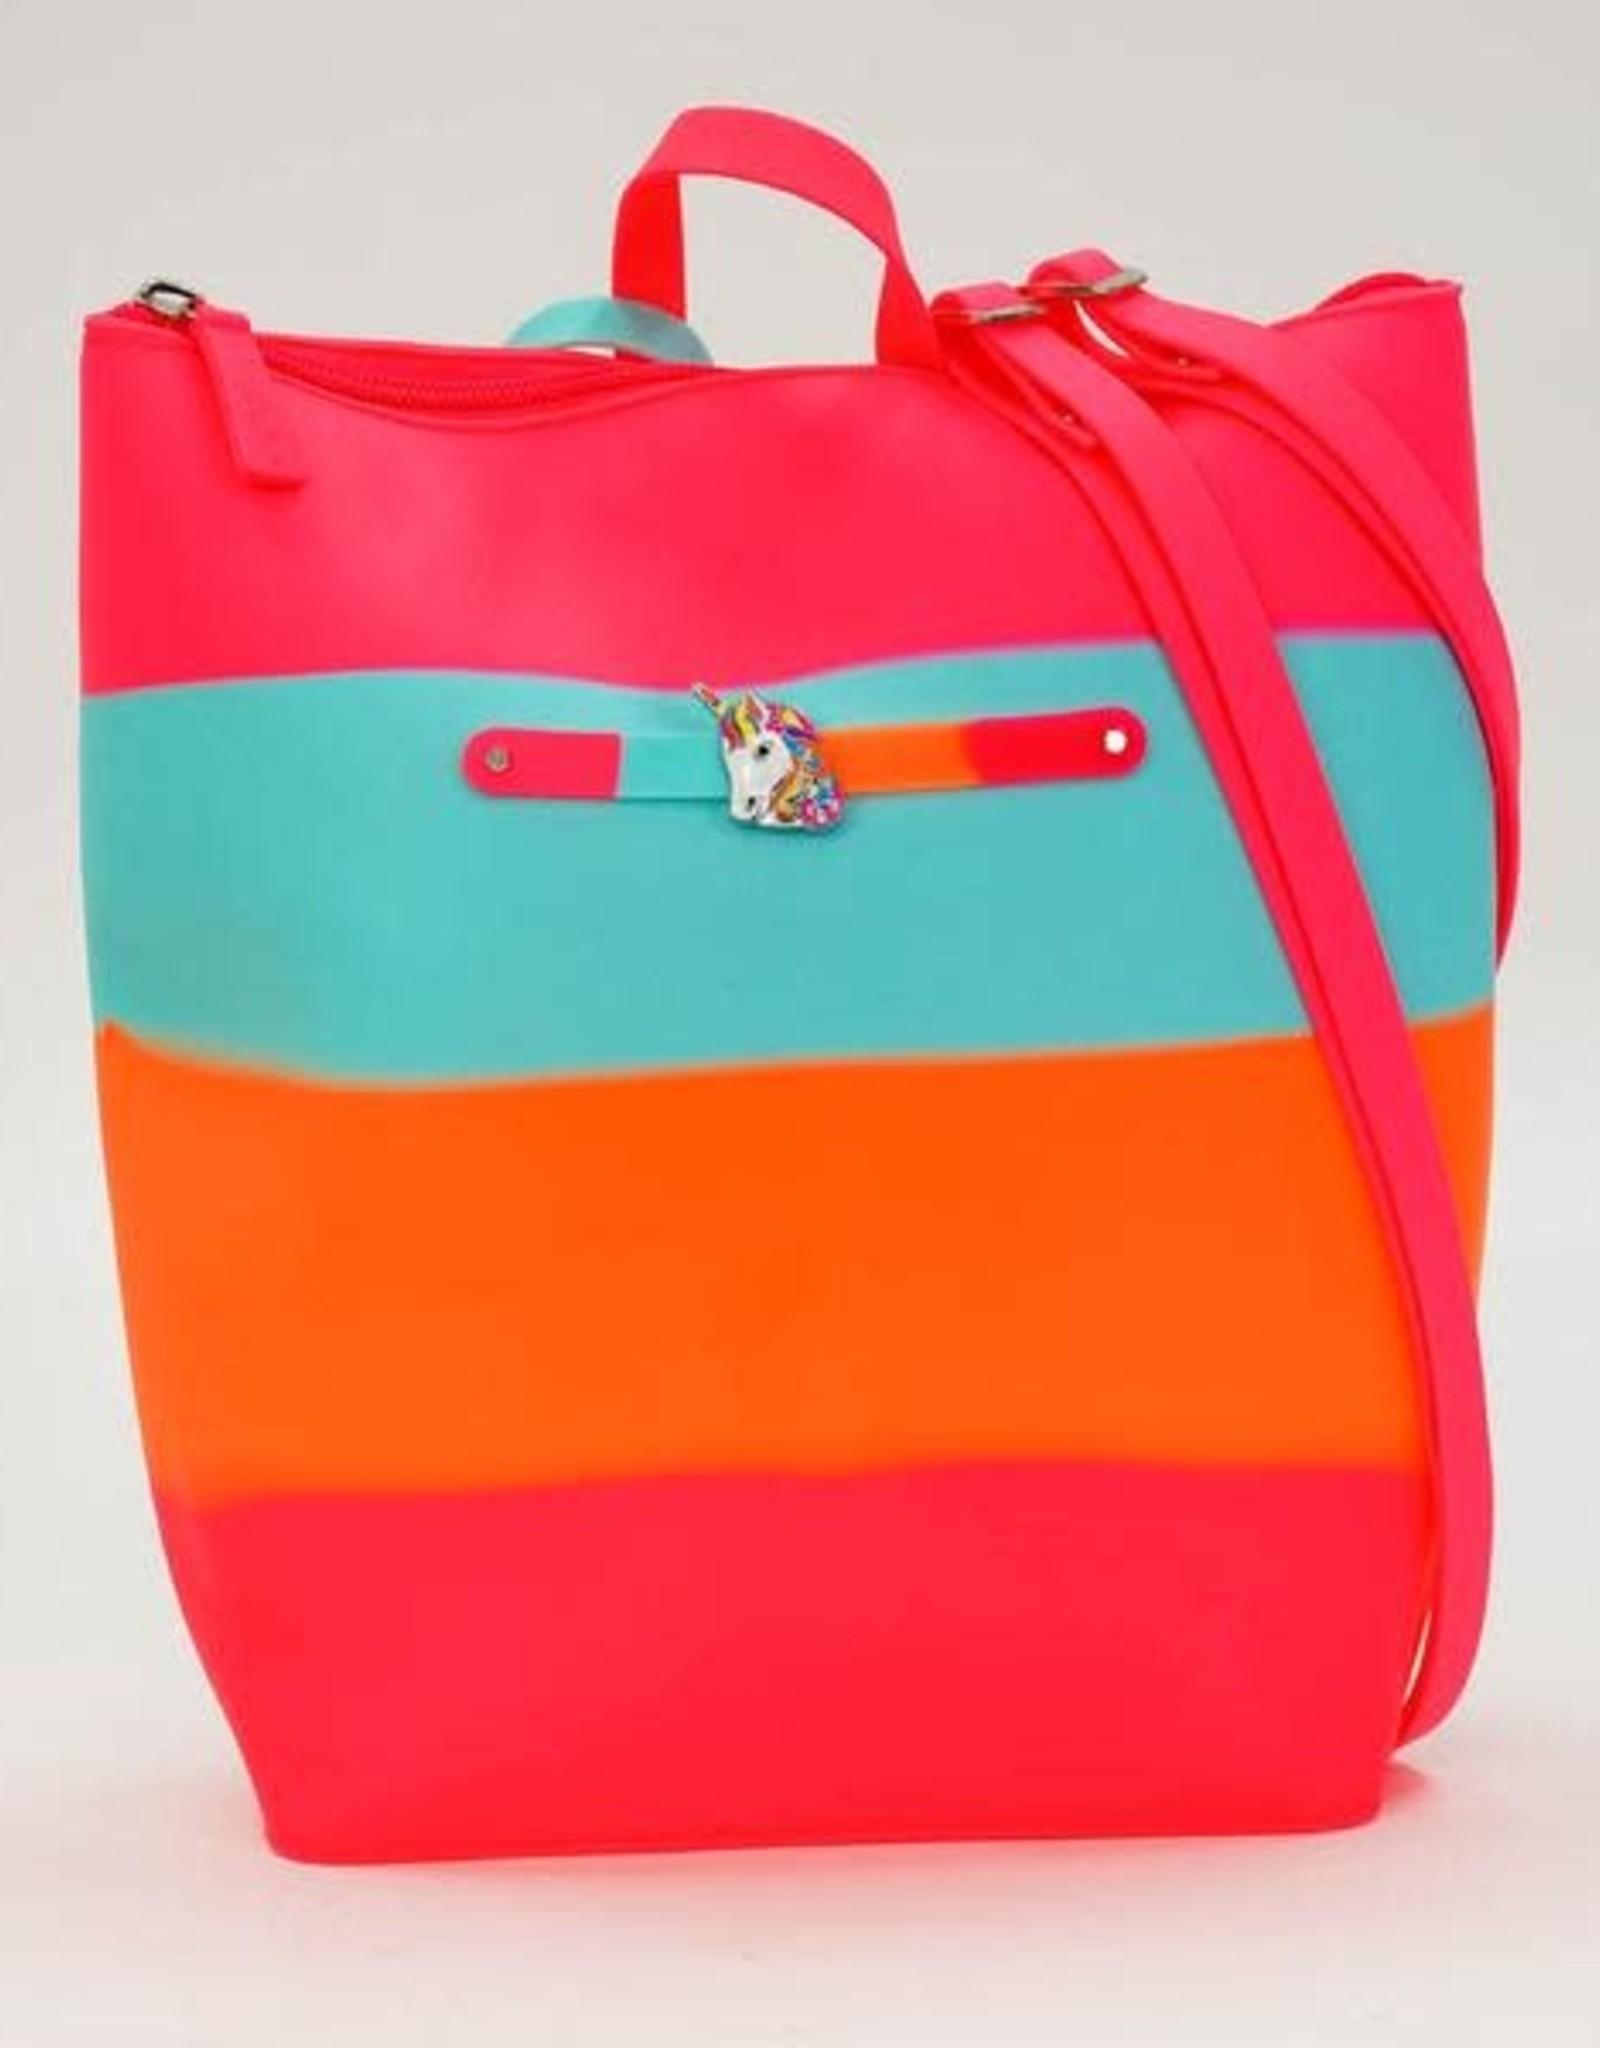 American Jewel American Jewel Zip Bucket Bag